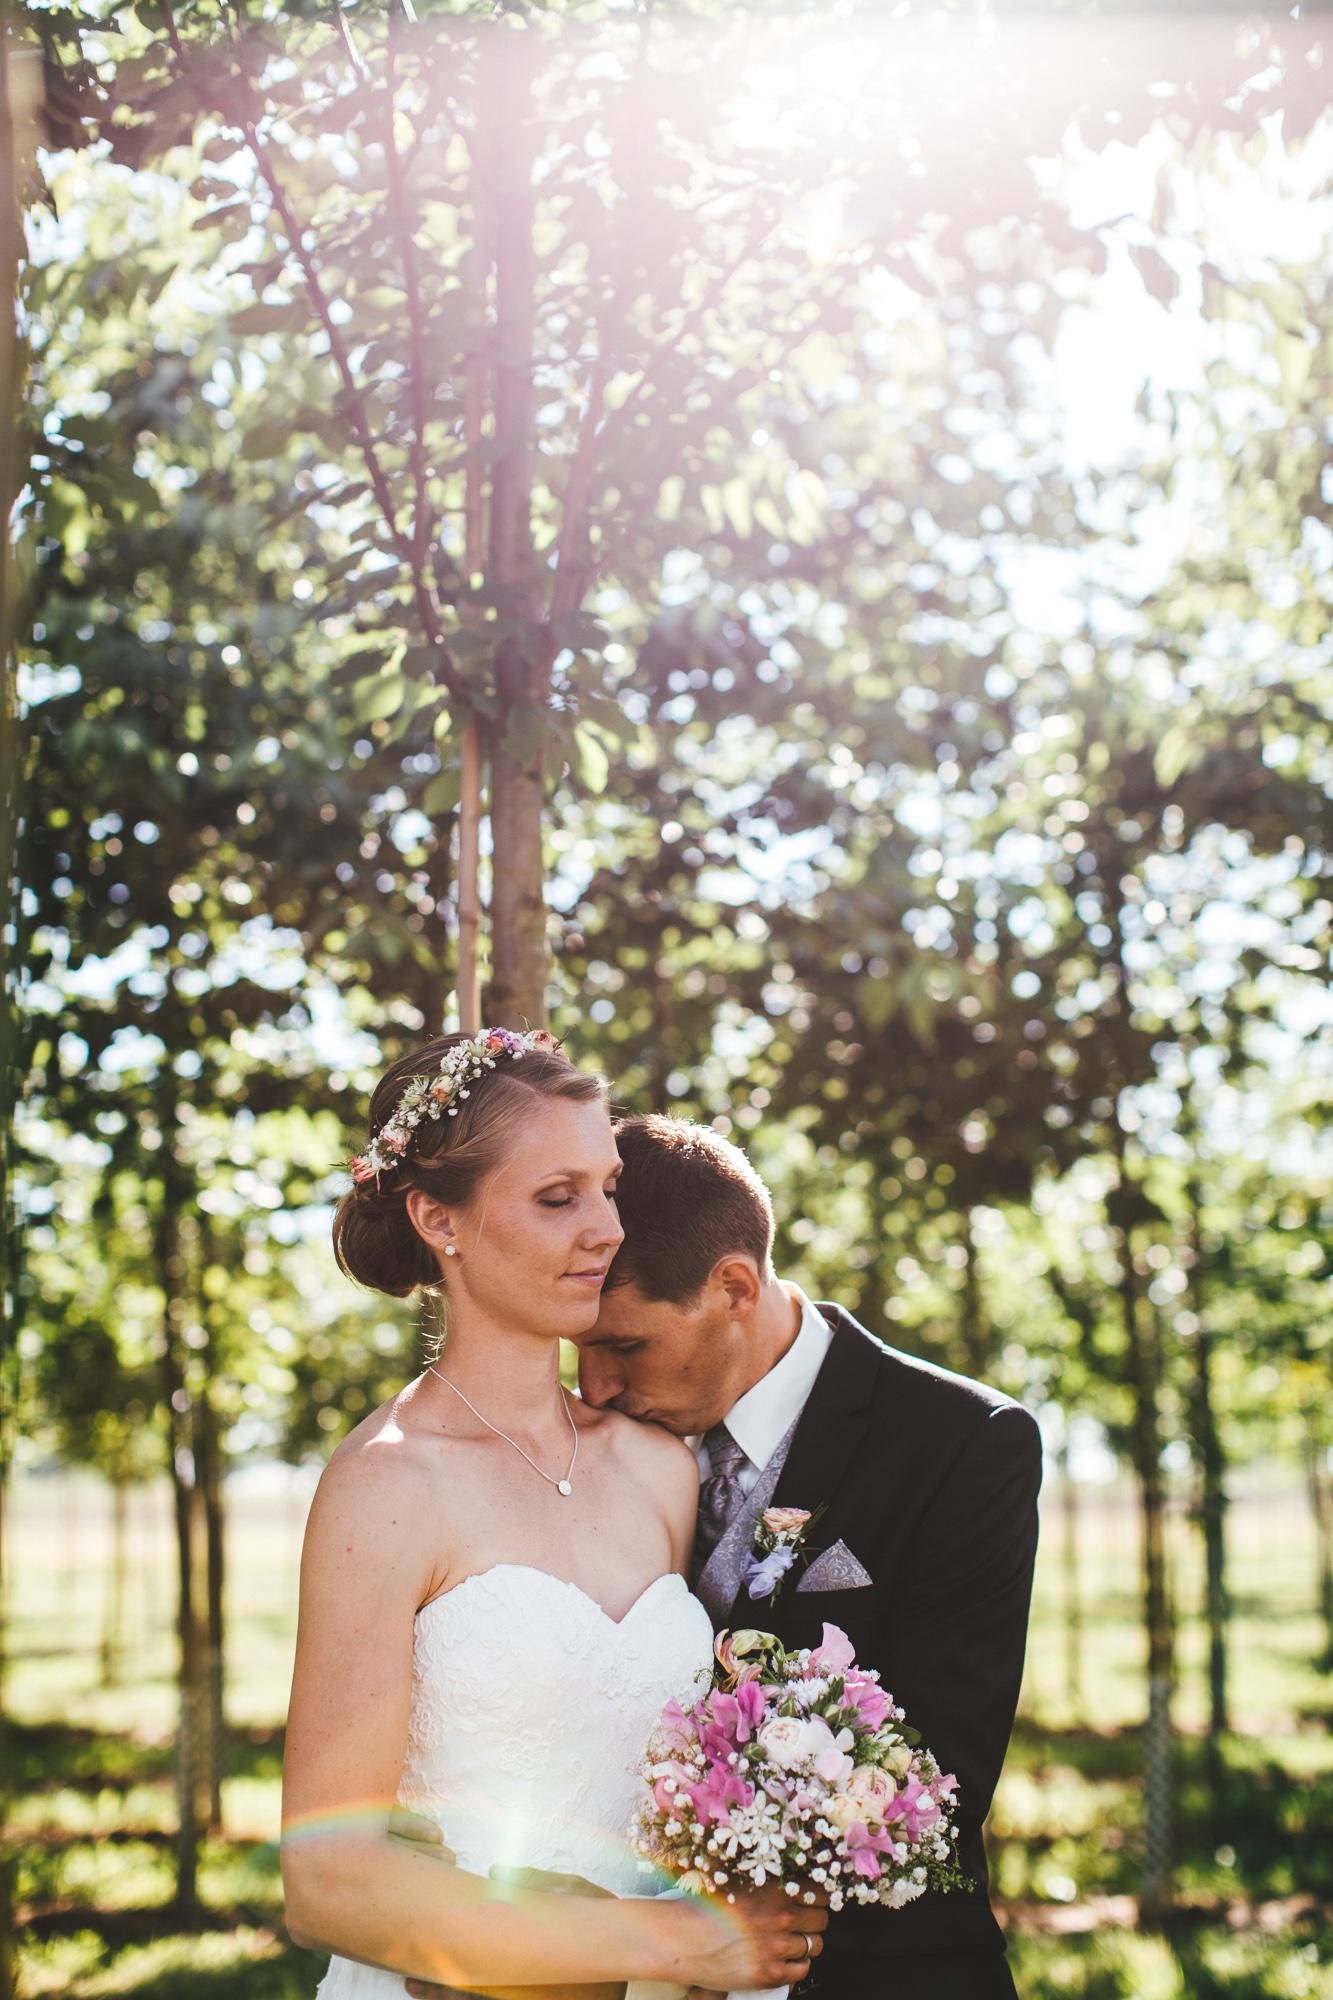 annethomas 279 - Hochzeit im wunderschönen Ladenburg in Eichenstolz